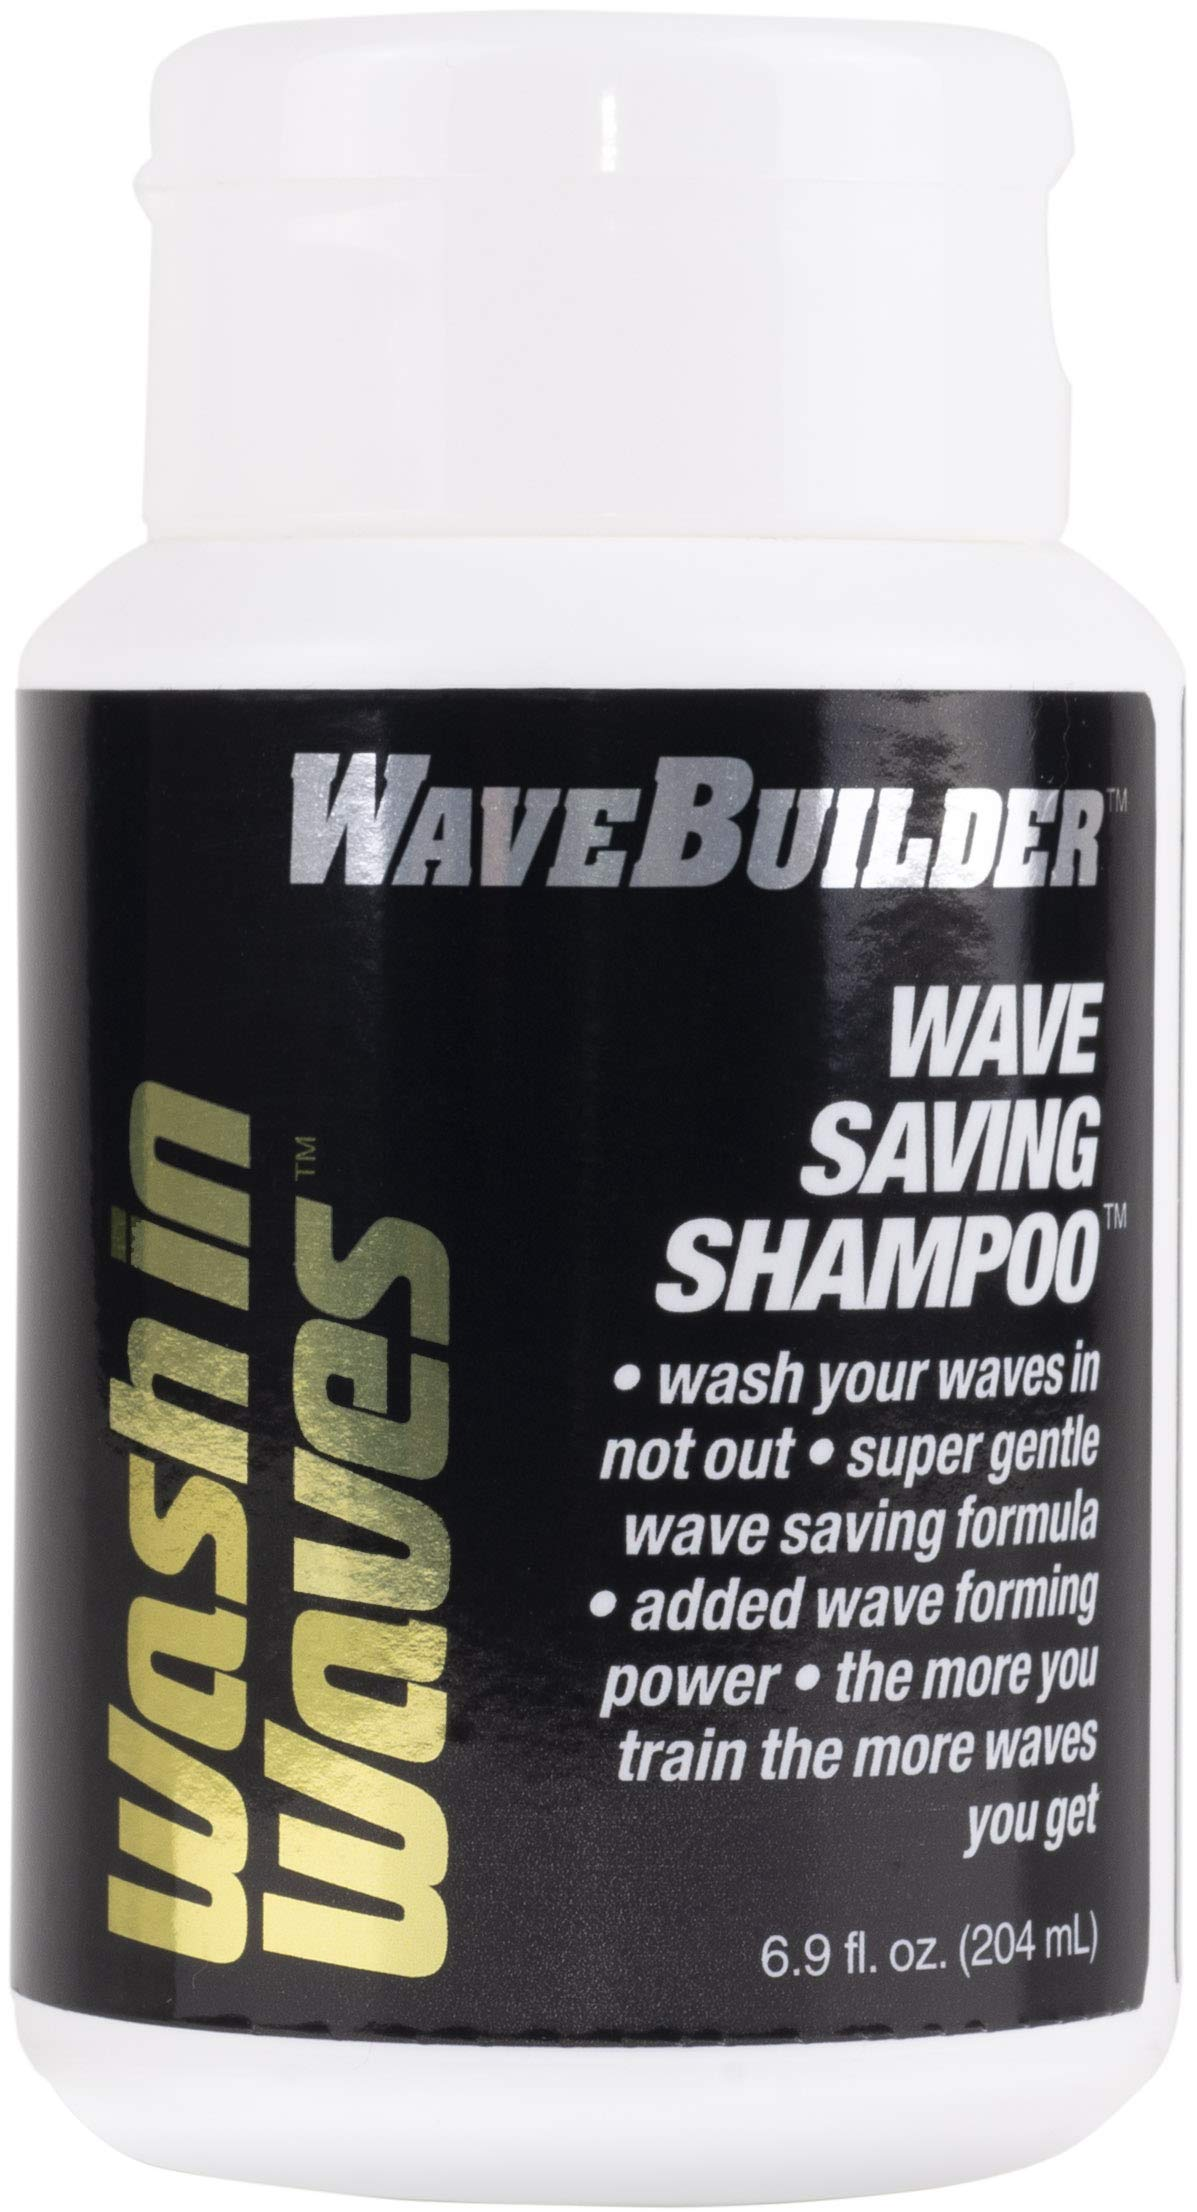 Wavebuilder Wash in Waves Wave Saving Shampoo